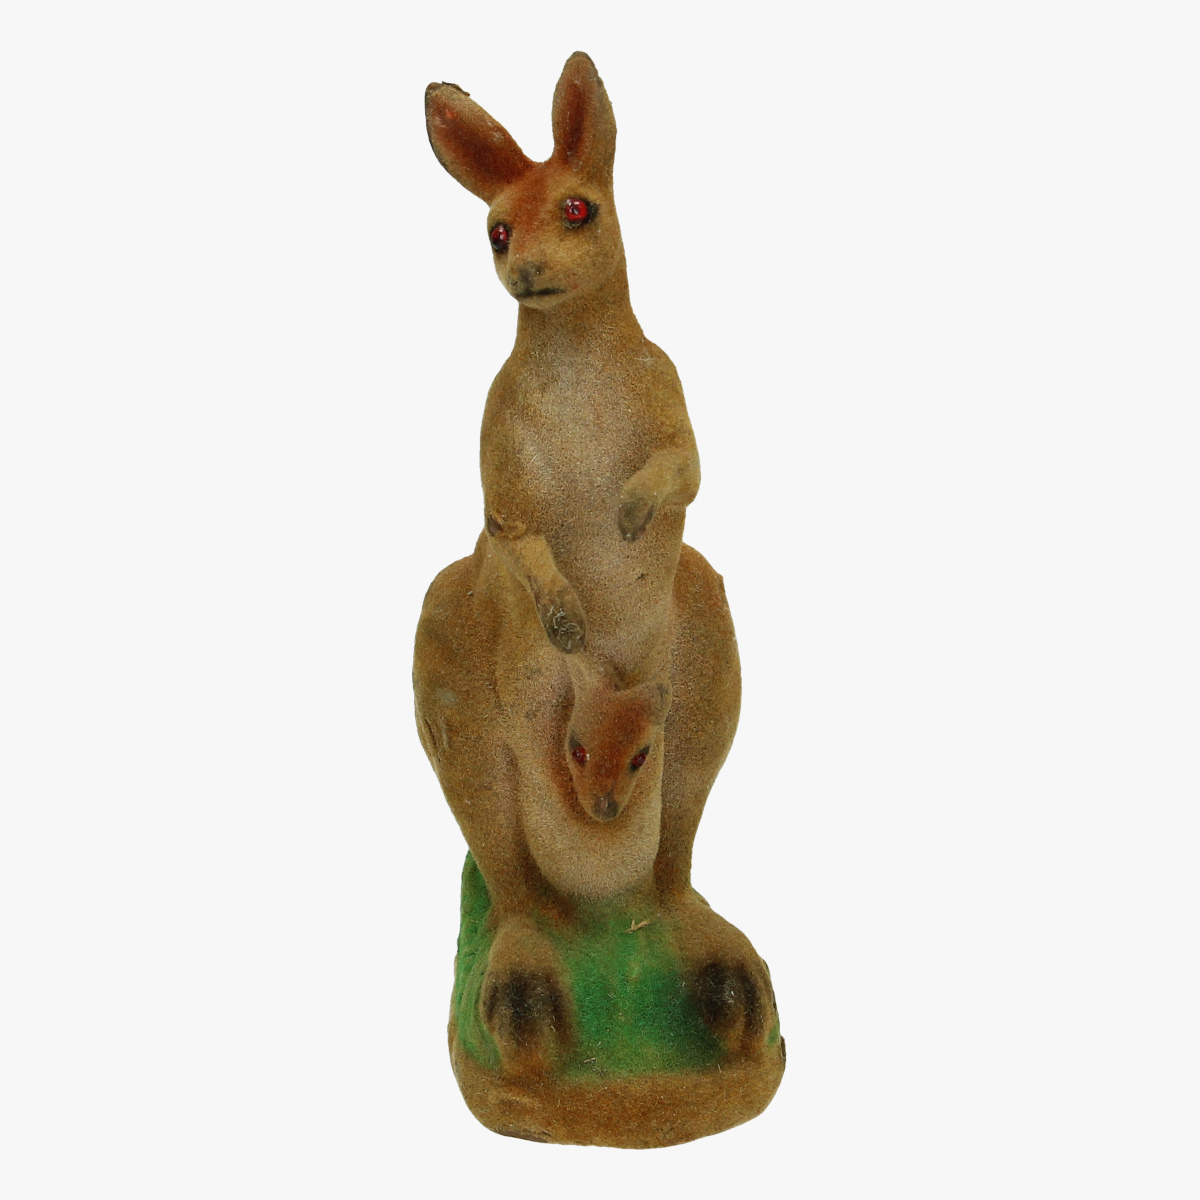 Afbeeldingen van spaarpot kangeroe met jong